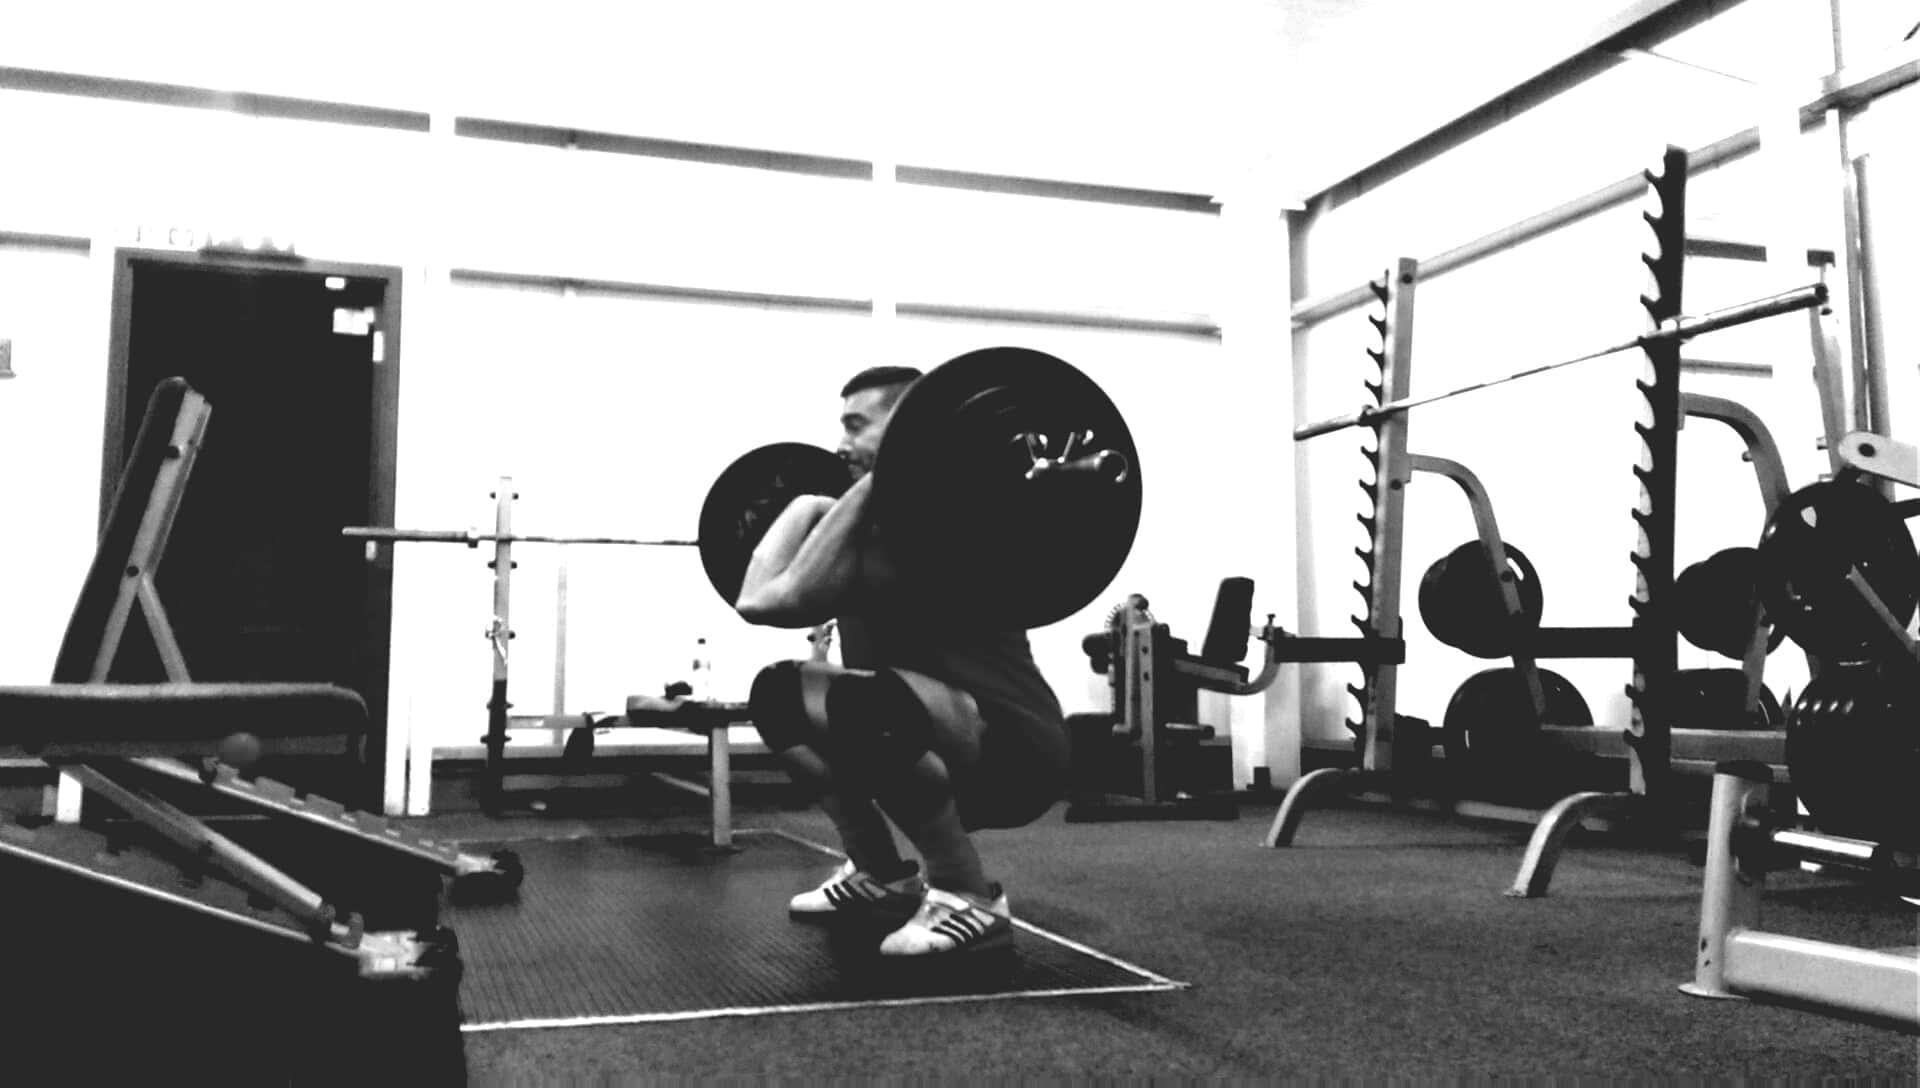 entrenamiento 5x5